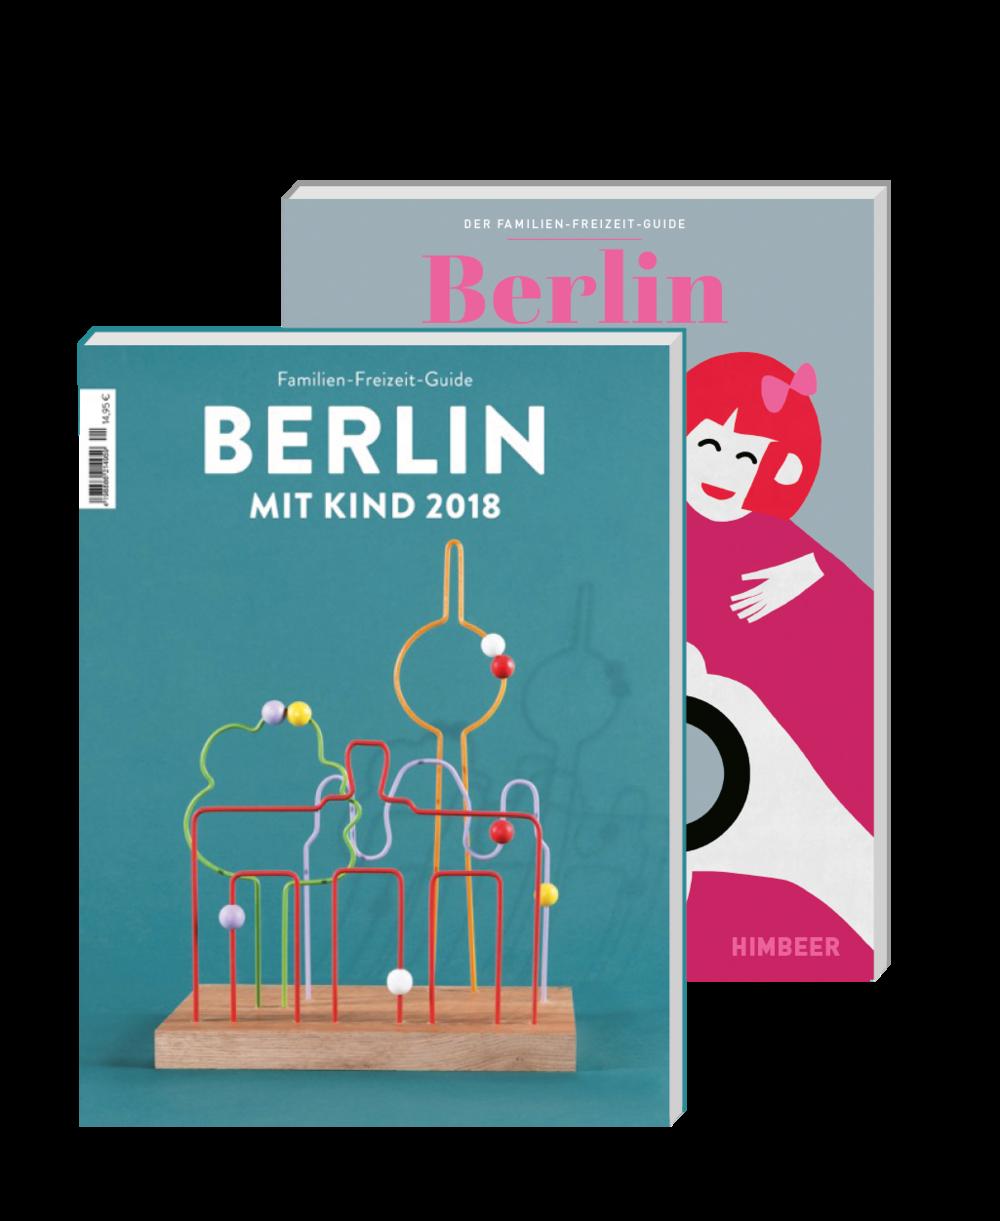 Berlin mit Kind No. 7 – der Familien-Freizeit-Guide aus dem HIMBEER Verlag.Mit den besten Tipps für spontane Unternehmungen mit Kindern. Für jedes Alter, Interesse und Wetter. -